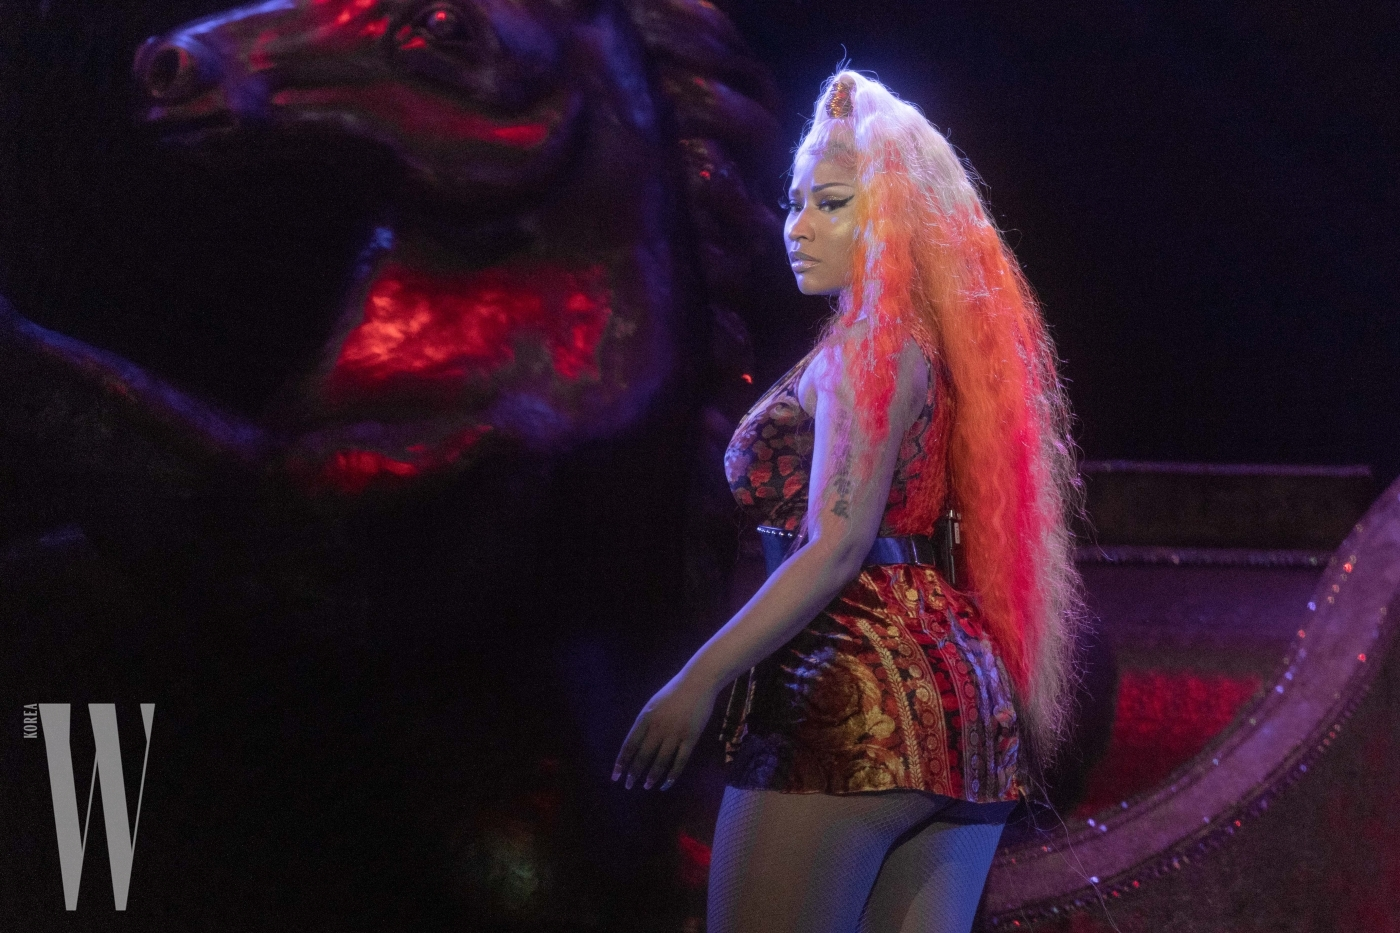 Nicki Minaj at Made In America Music Festival 2018 in Philadelphia